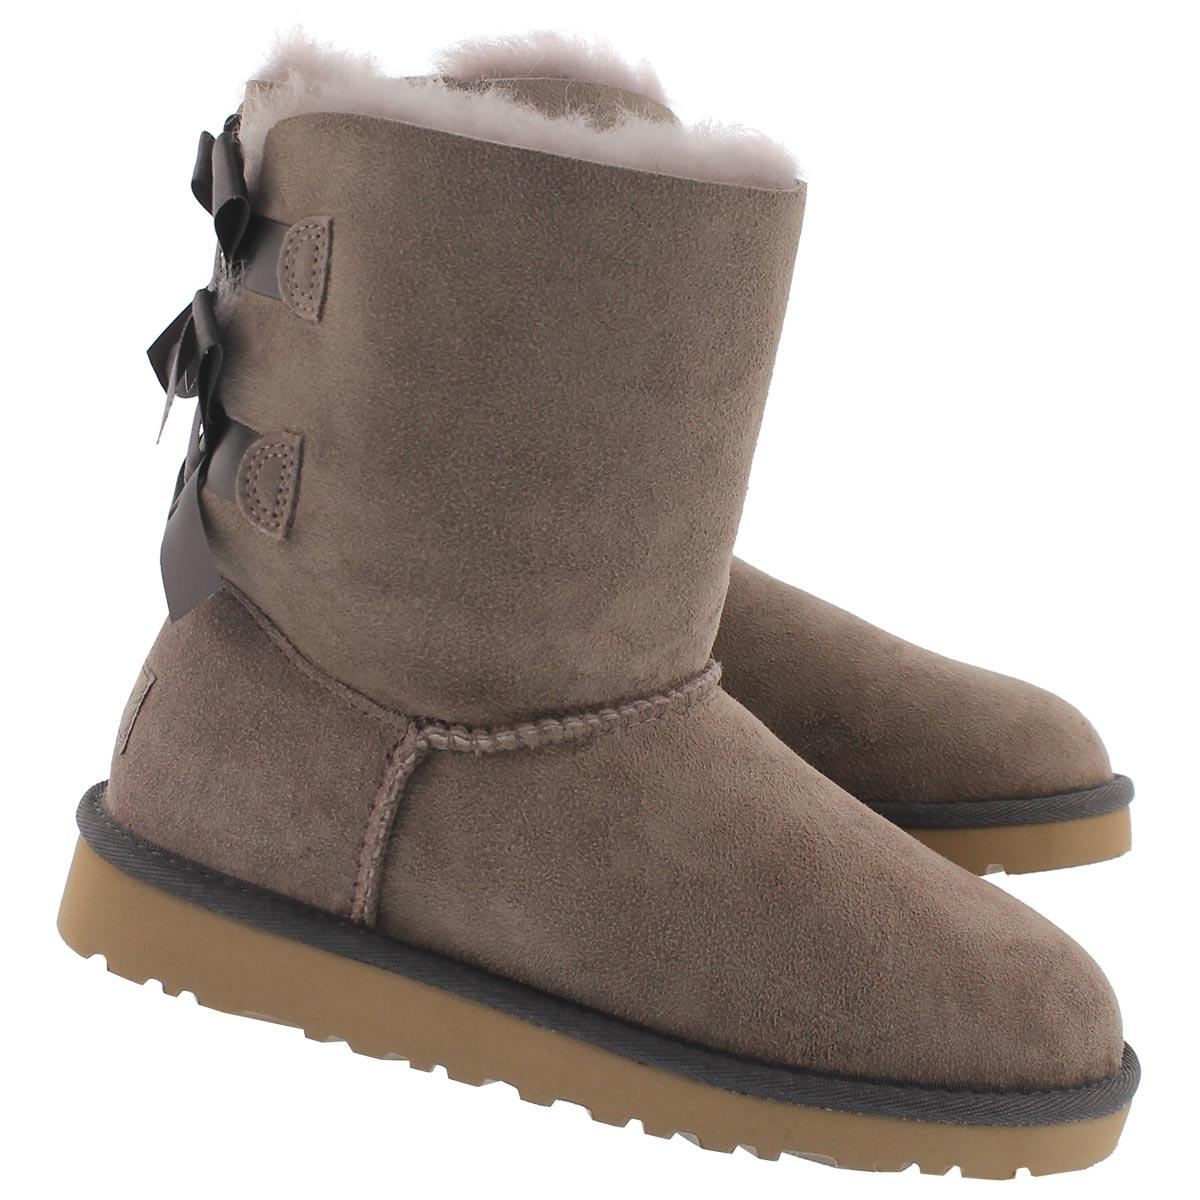 Grls BaileyBow stormy gry sheepskin boot